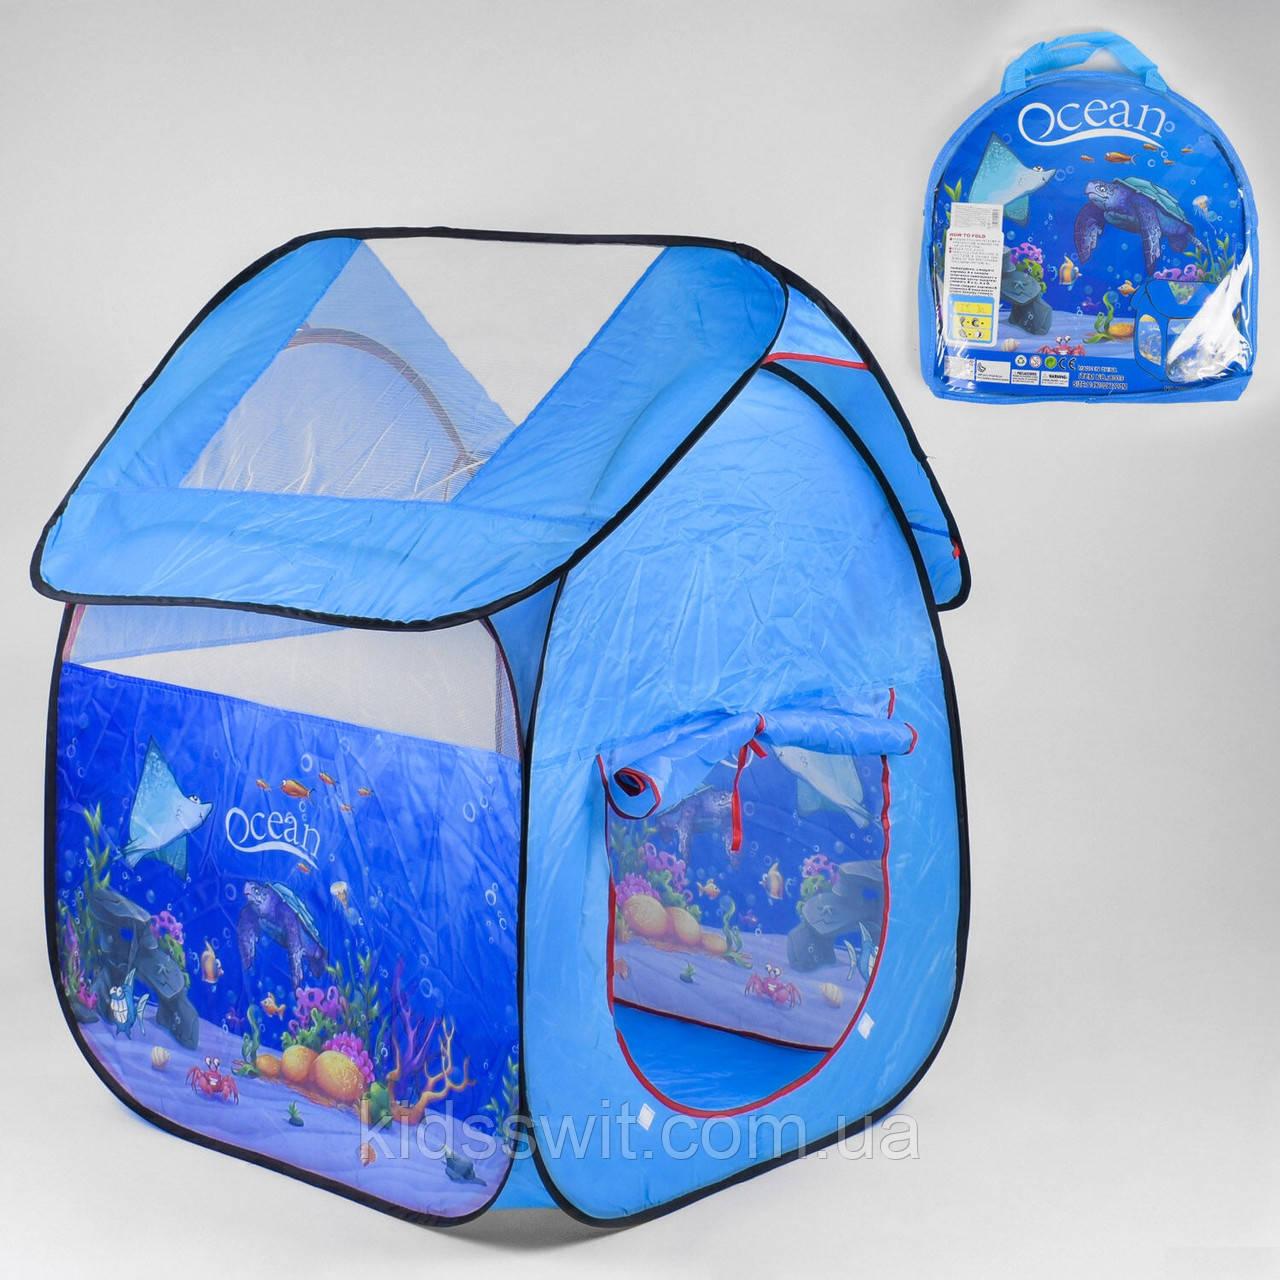 """Намет дитячий """"Океан"""" 112 х102 х114 см, в сумці 8009 AN"""